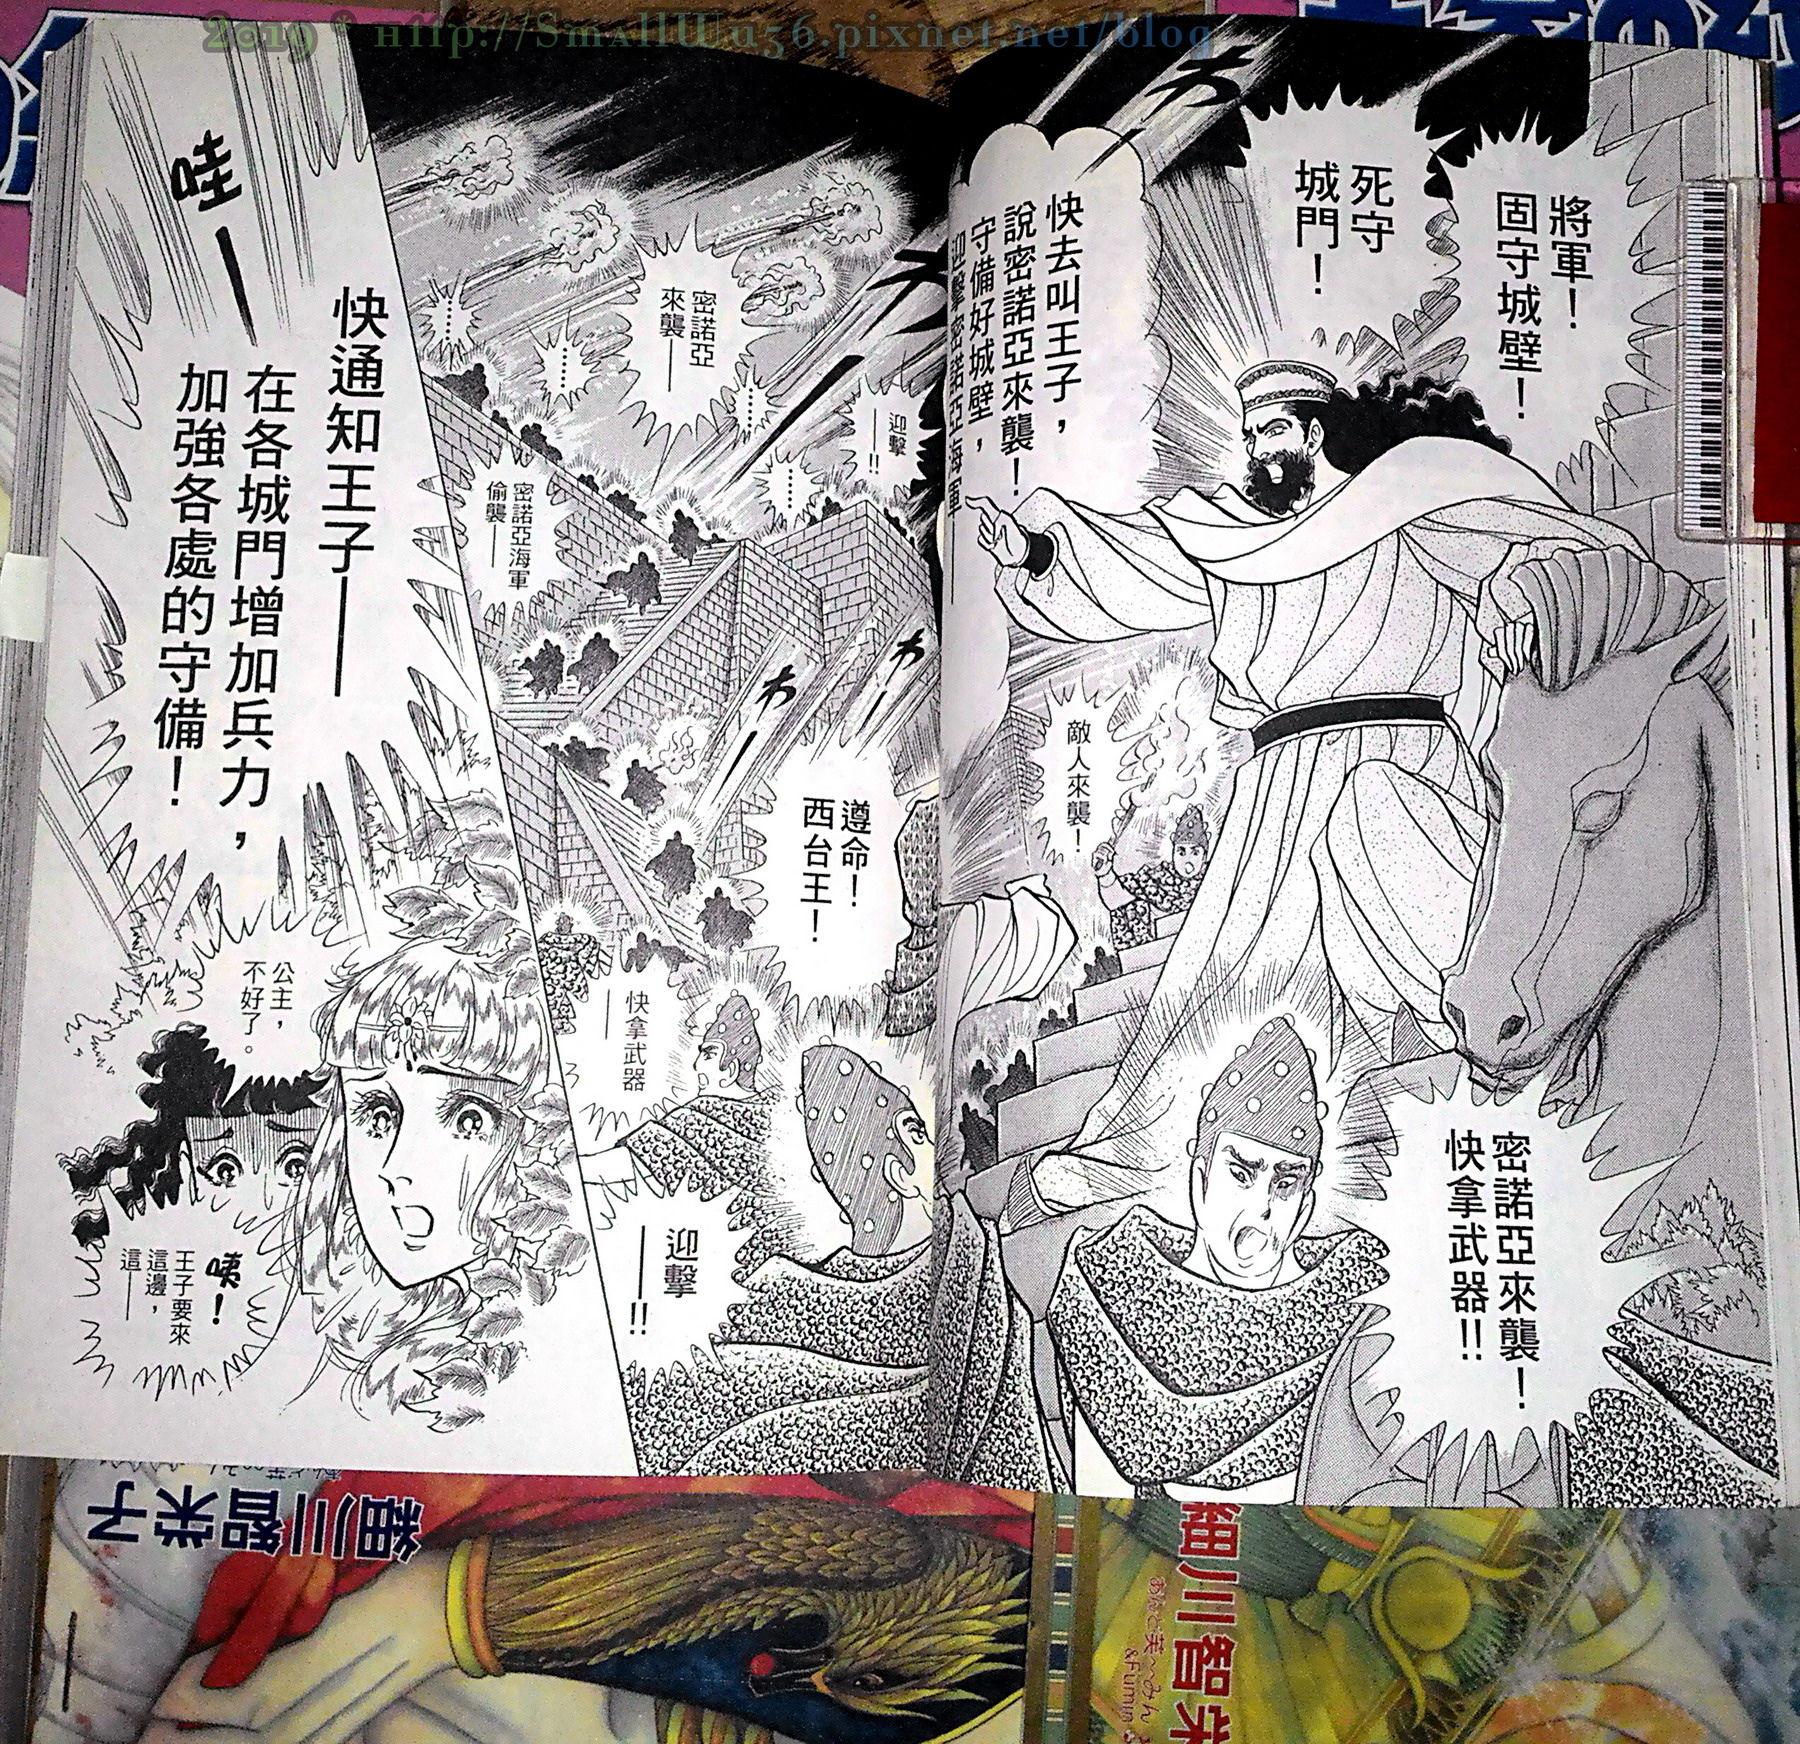 細川智榮子-王家的紋章(尼羅河女兒) 39-44 (長鴻)  vol_42.jpg